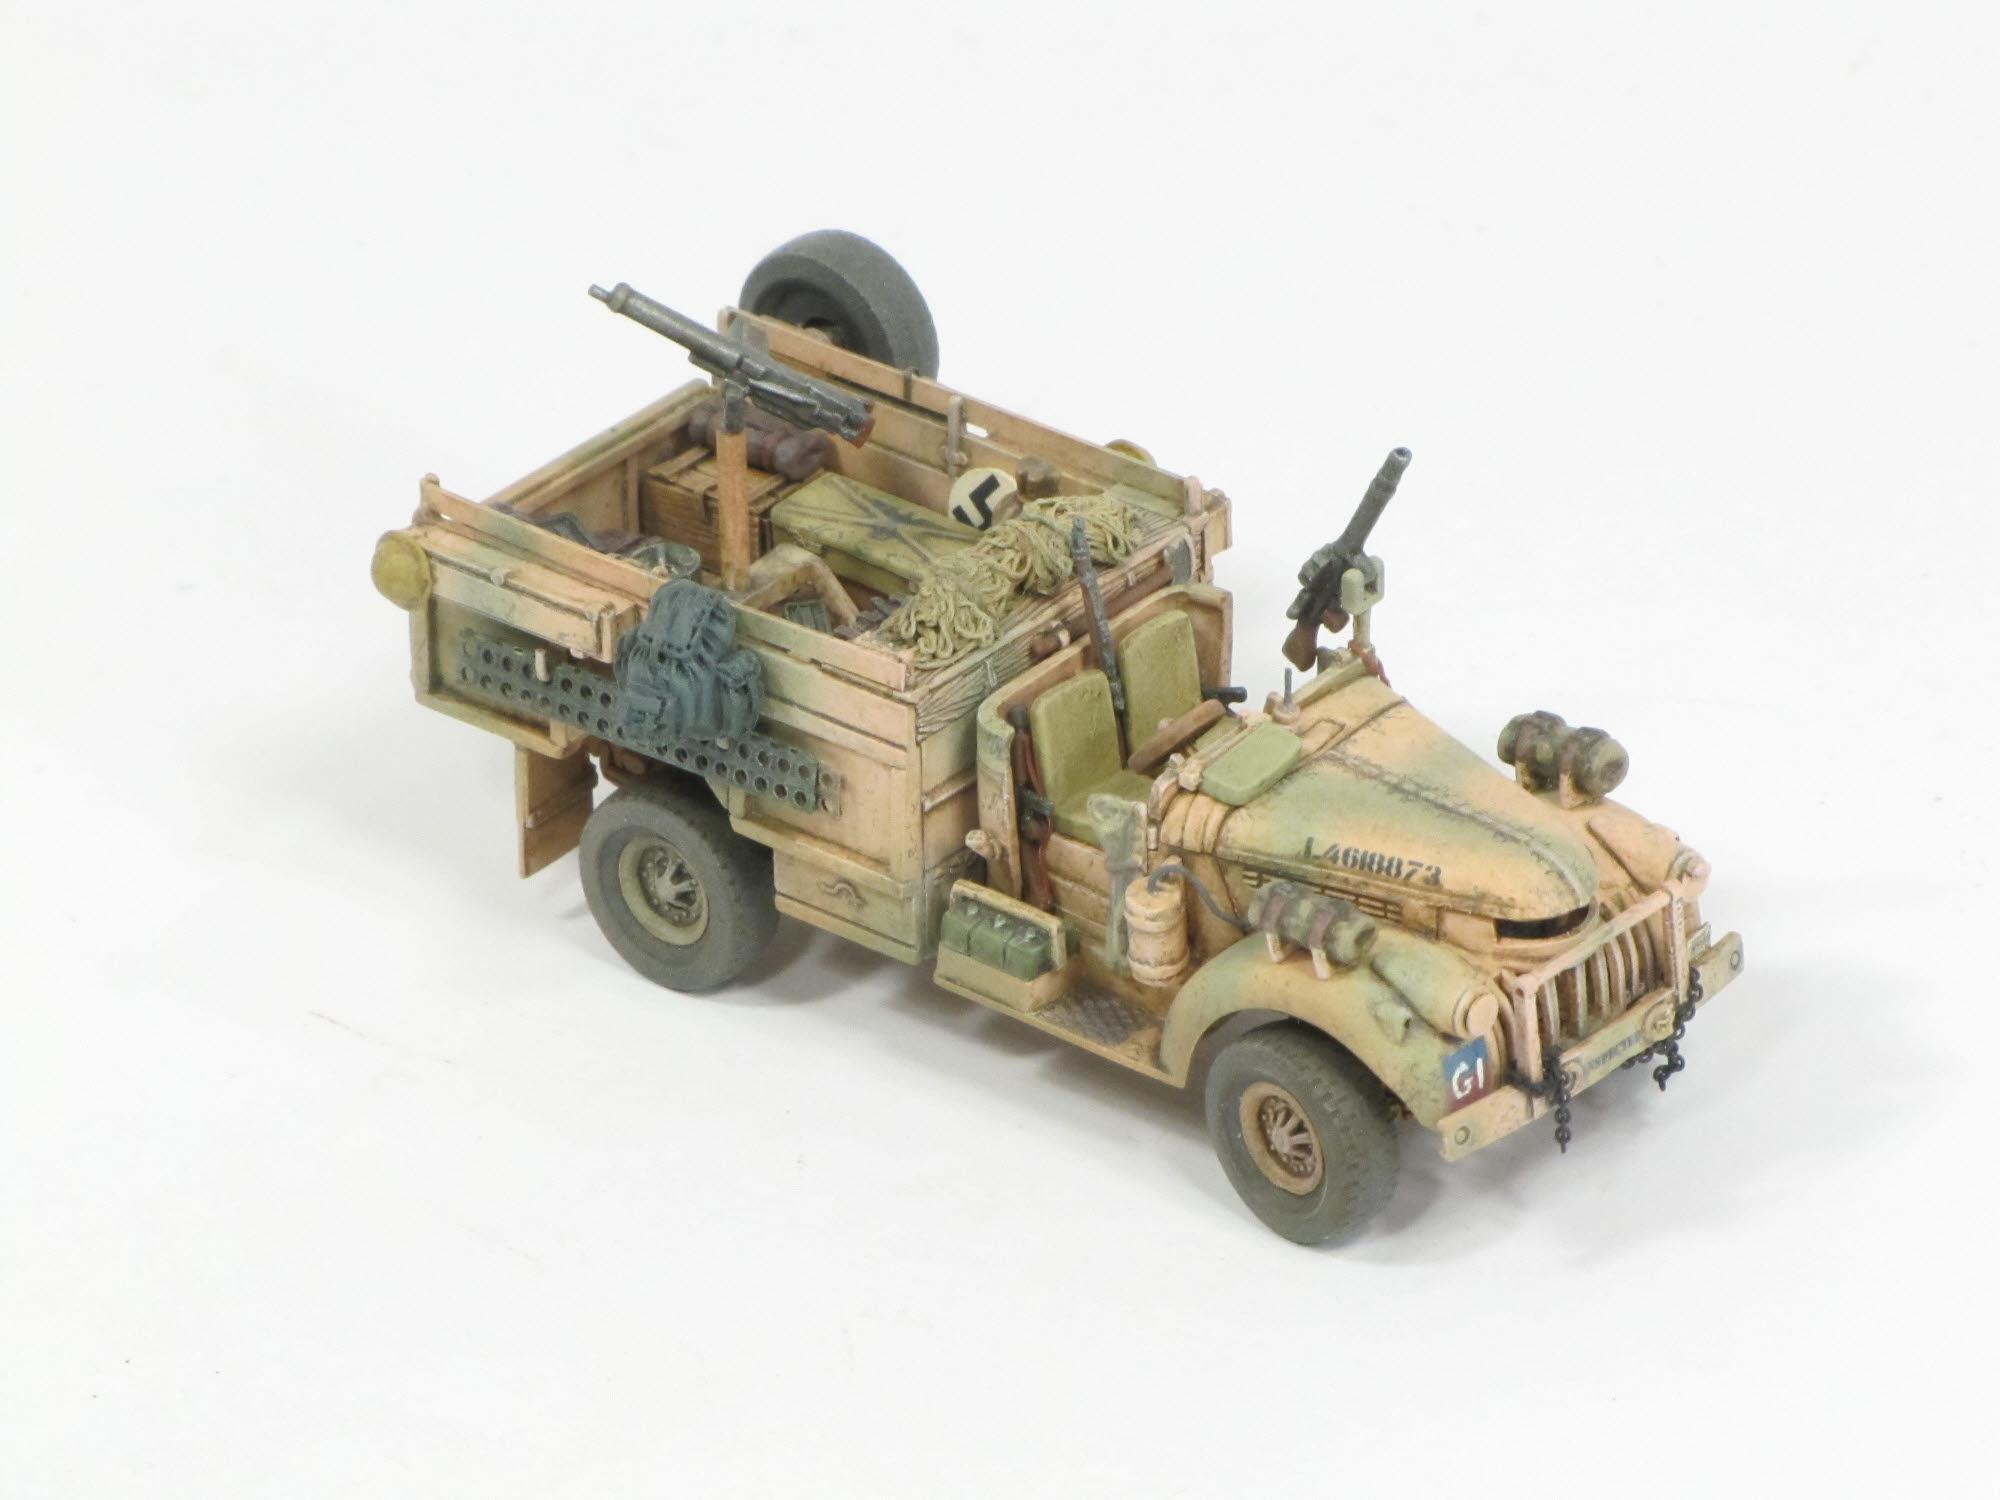 LRDG 135 MODELS On Pinterest Model Kits Modeling And